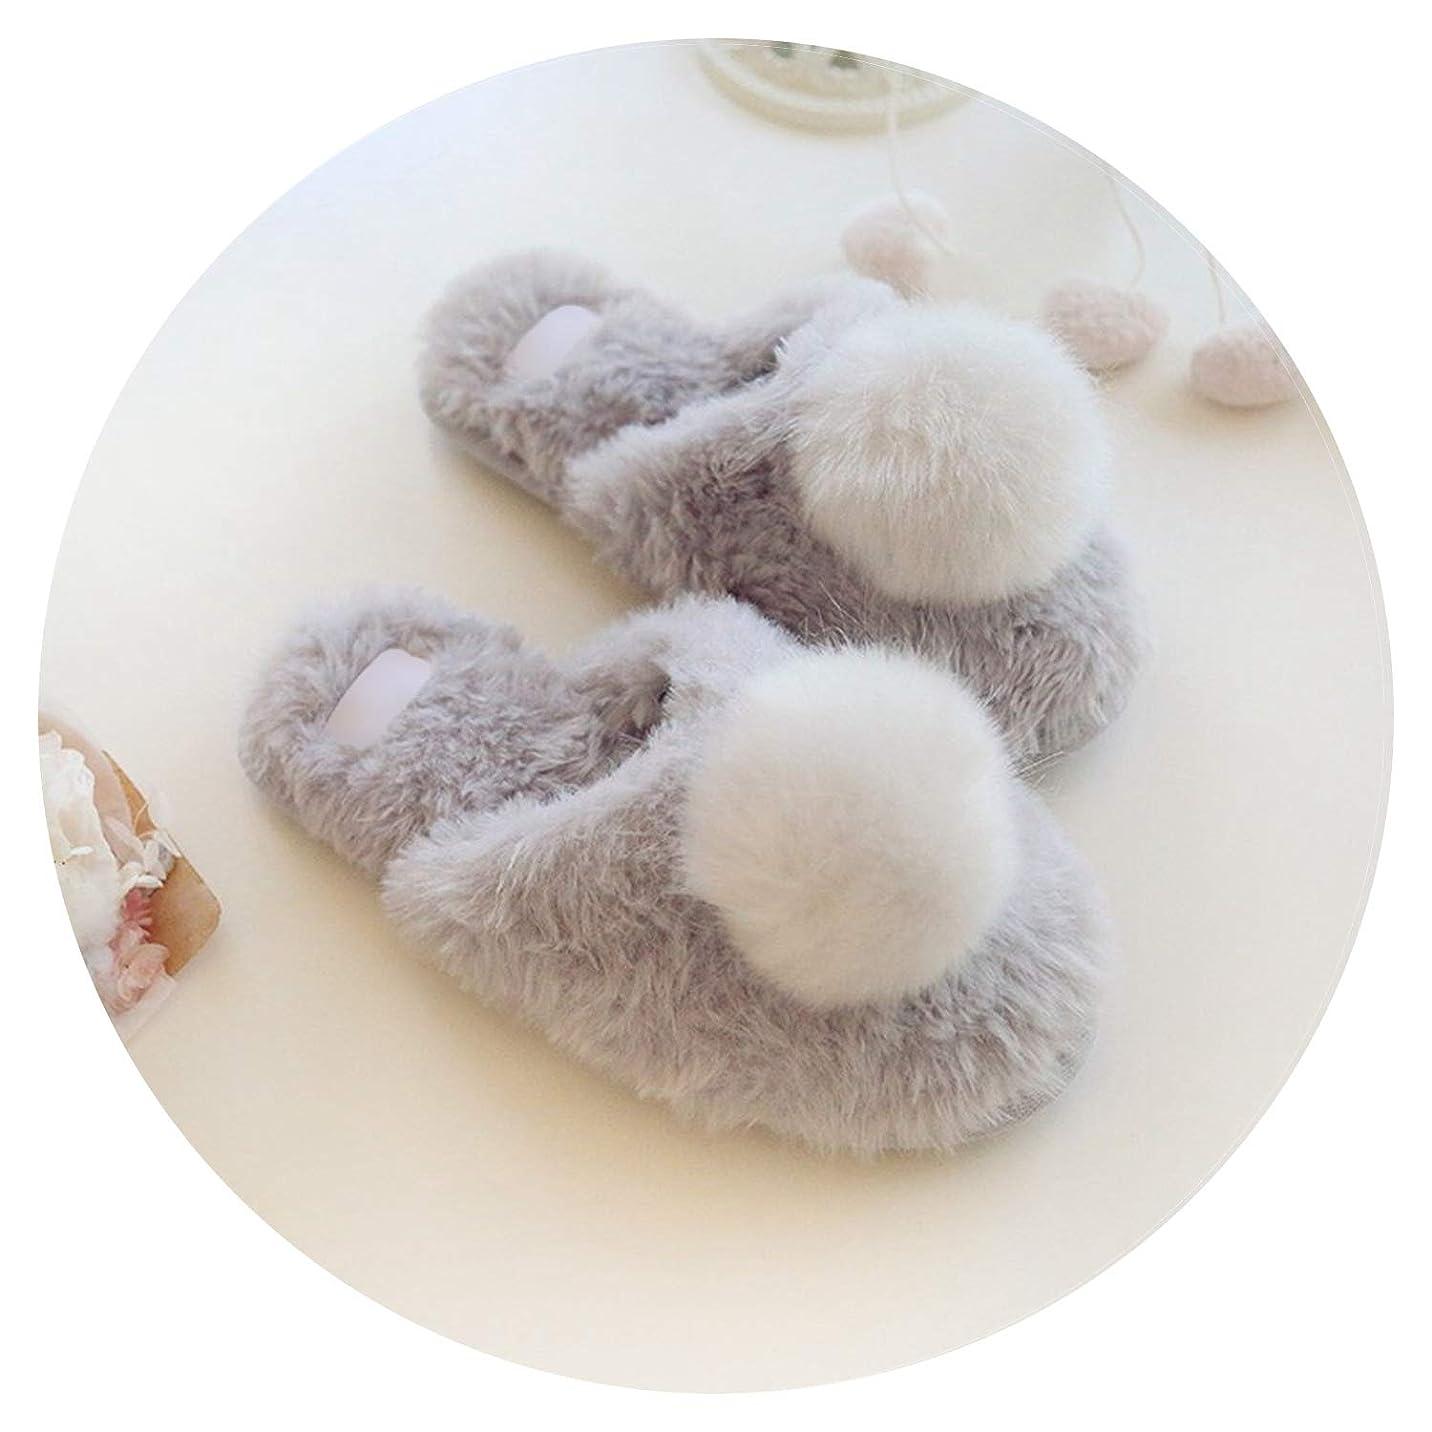 救い瞑想的不調和秋冬かわいい滑り止め スリッパシンプルかわいい綿スリッパ